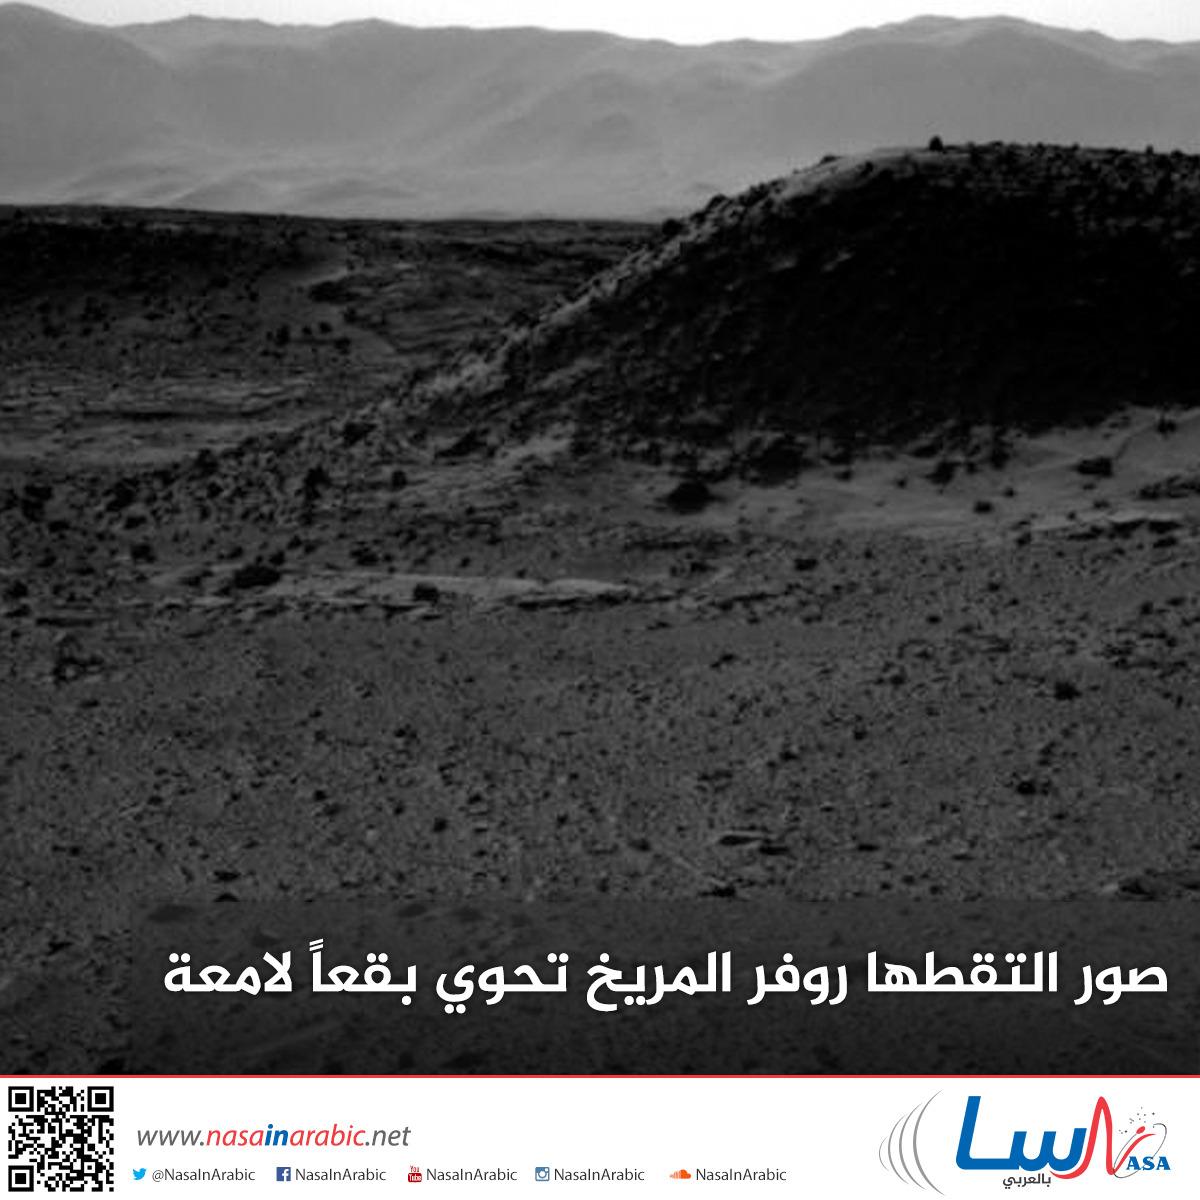 صور التقطها روفر المريخ تحوي بقعاً لامعة